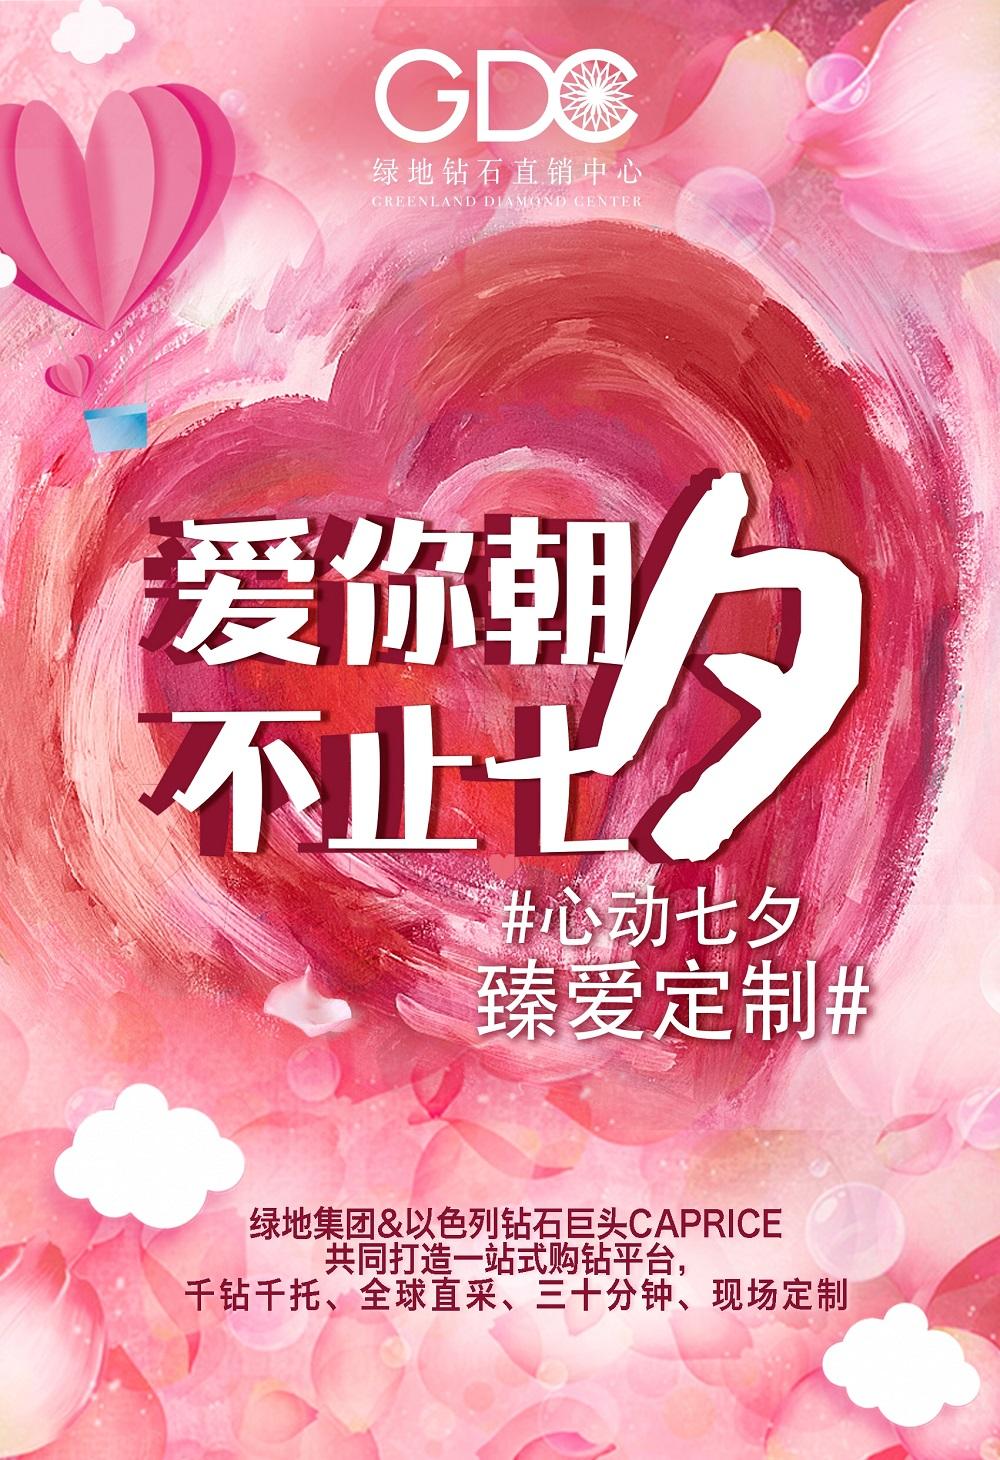 心动七夕 臻爱定制,绿地钻石直销中心演绎非凡心动时